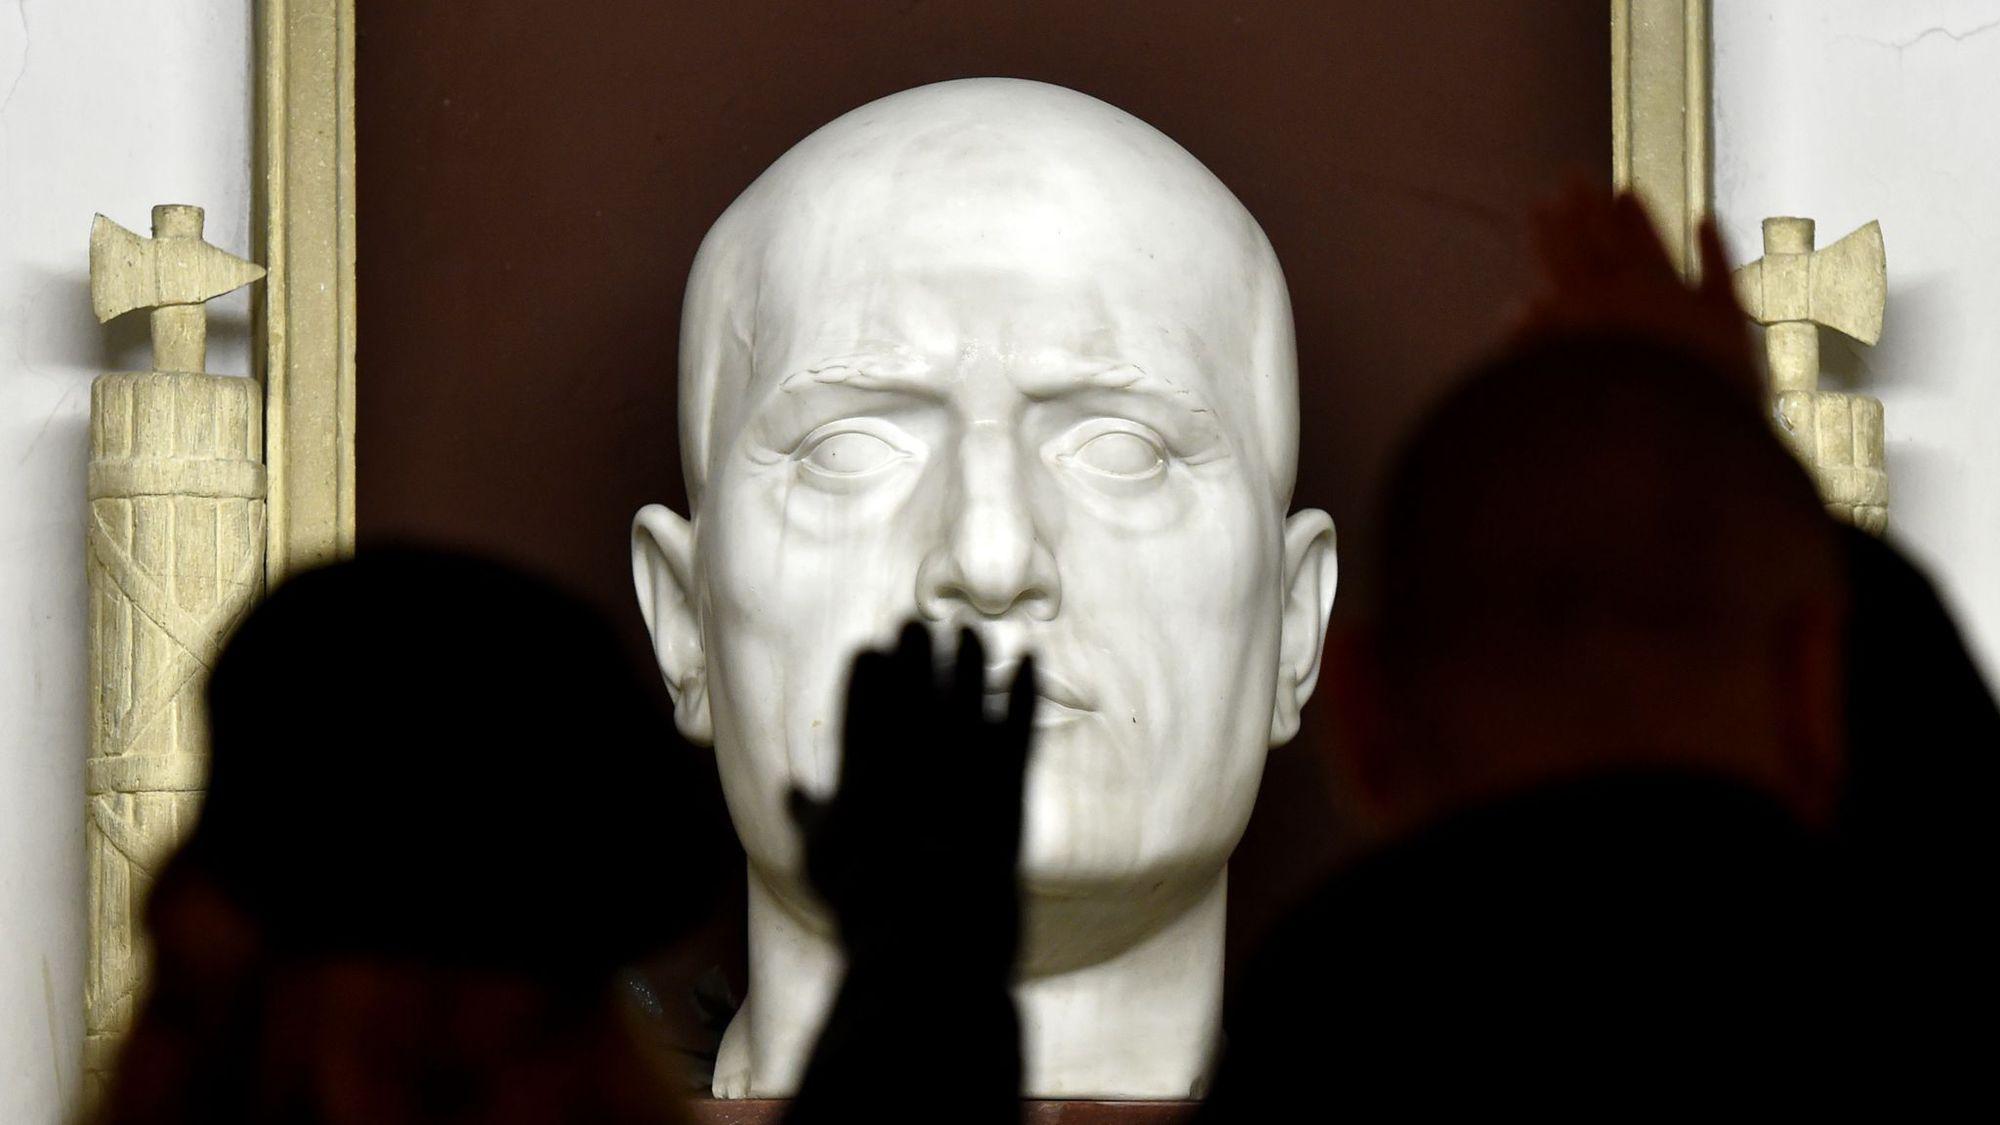 Le fascisme a-t-il sa place au musée?